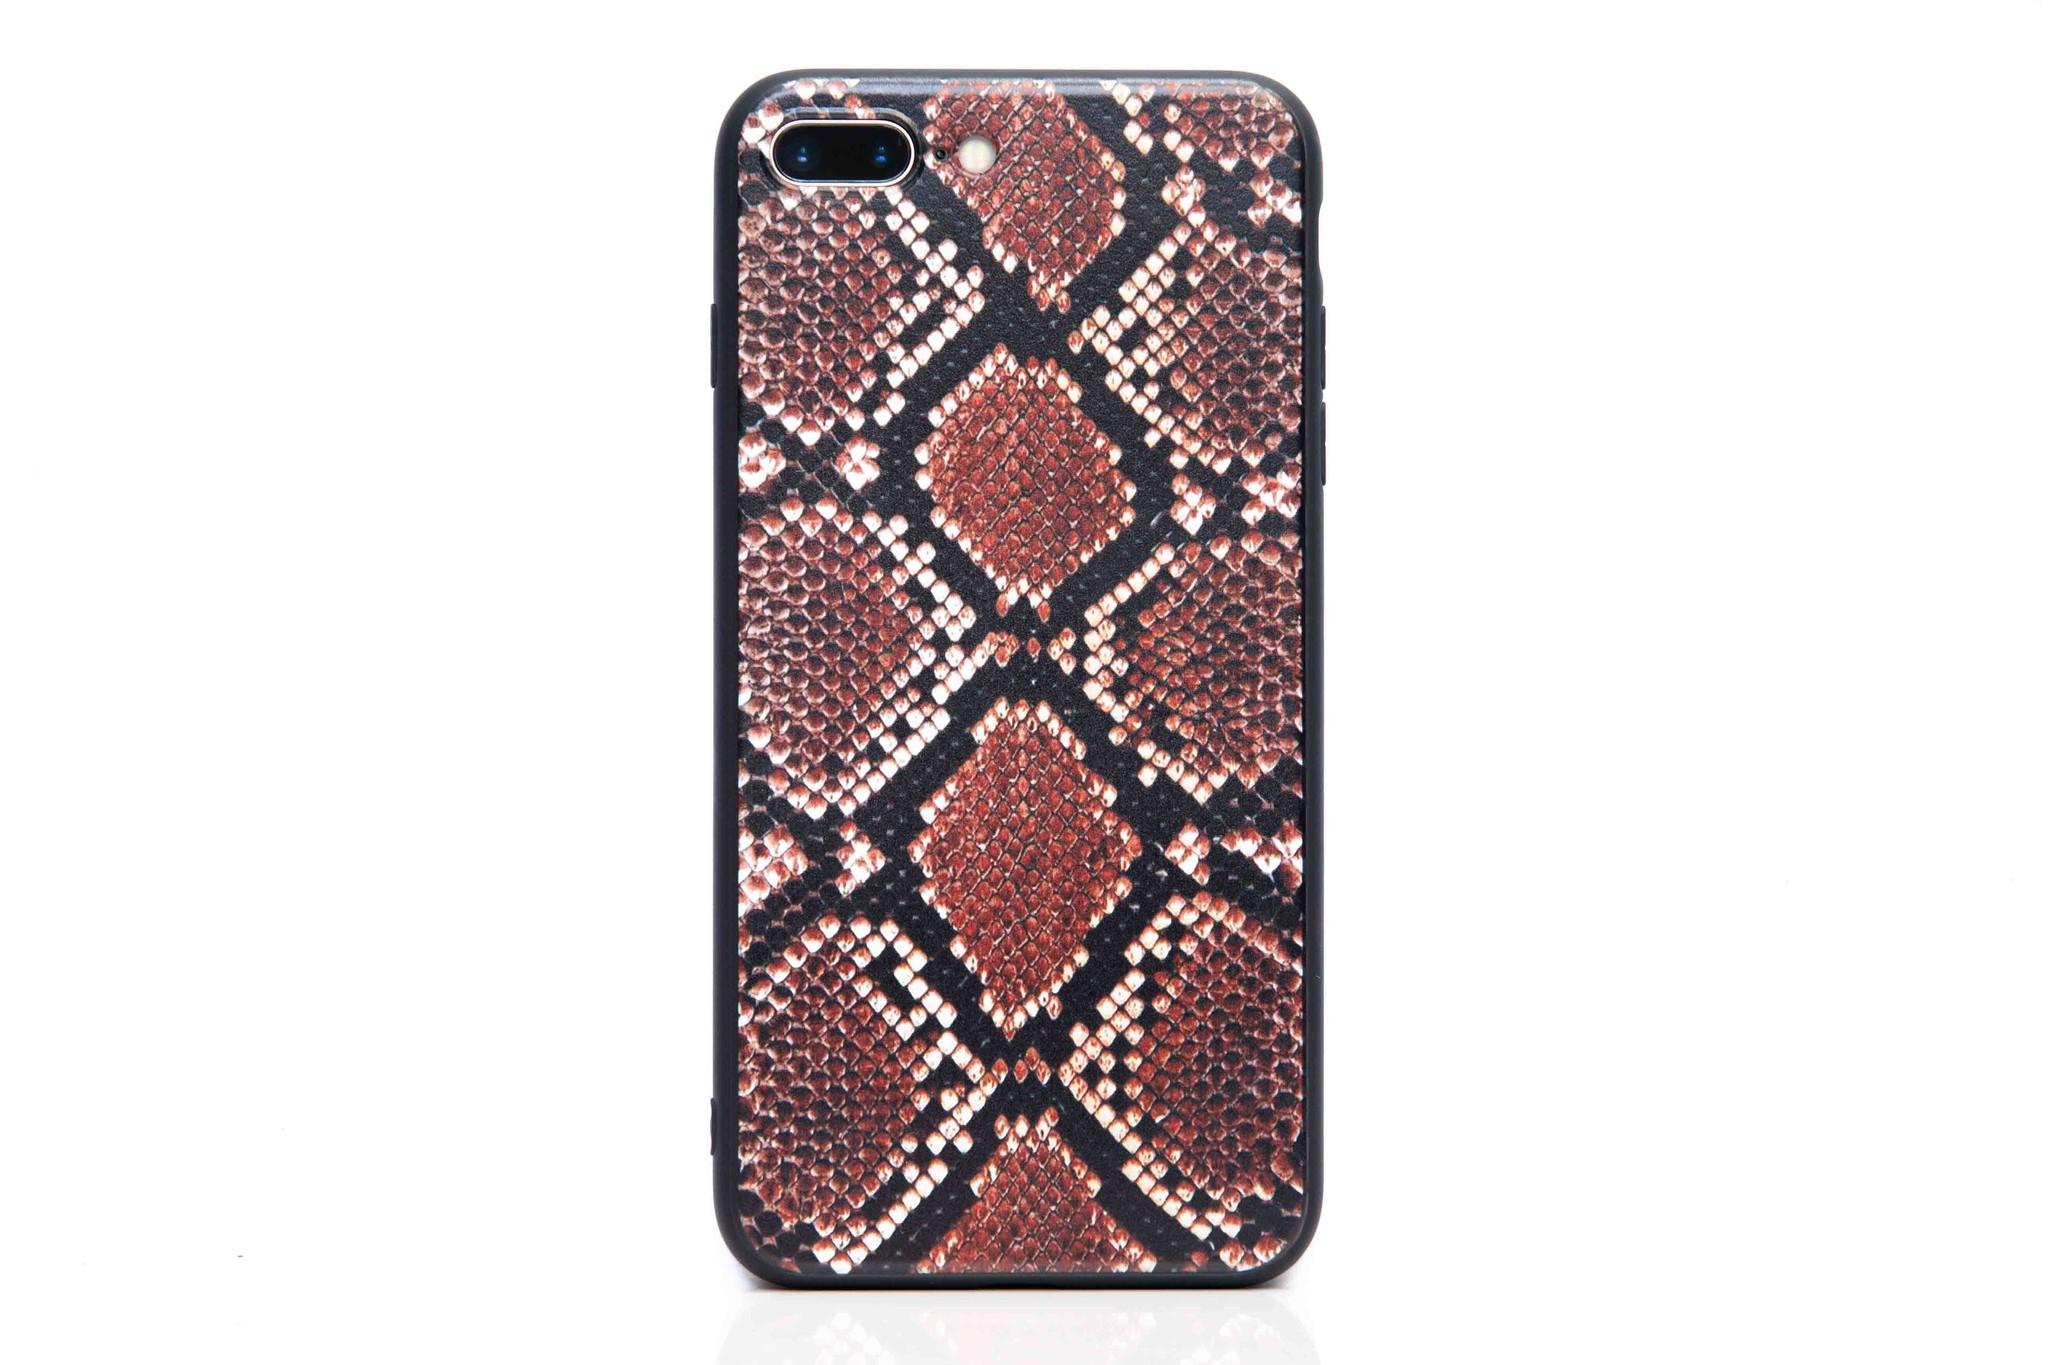 Smartphonehoesje iPhone 7 / 8 | Dierenprint slangen | Zwart / bruin